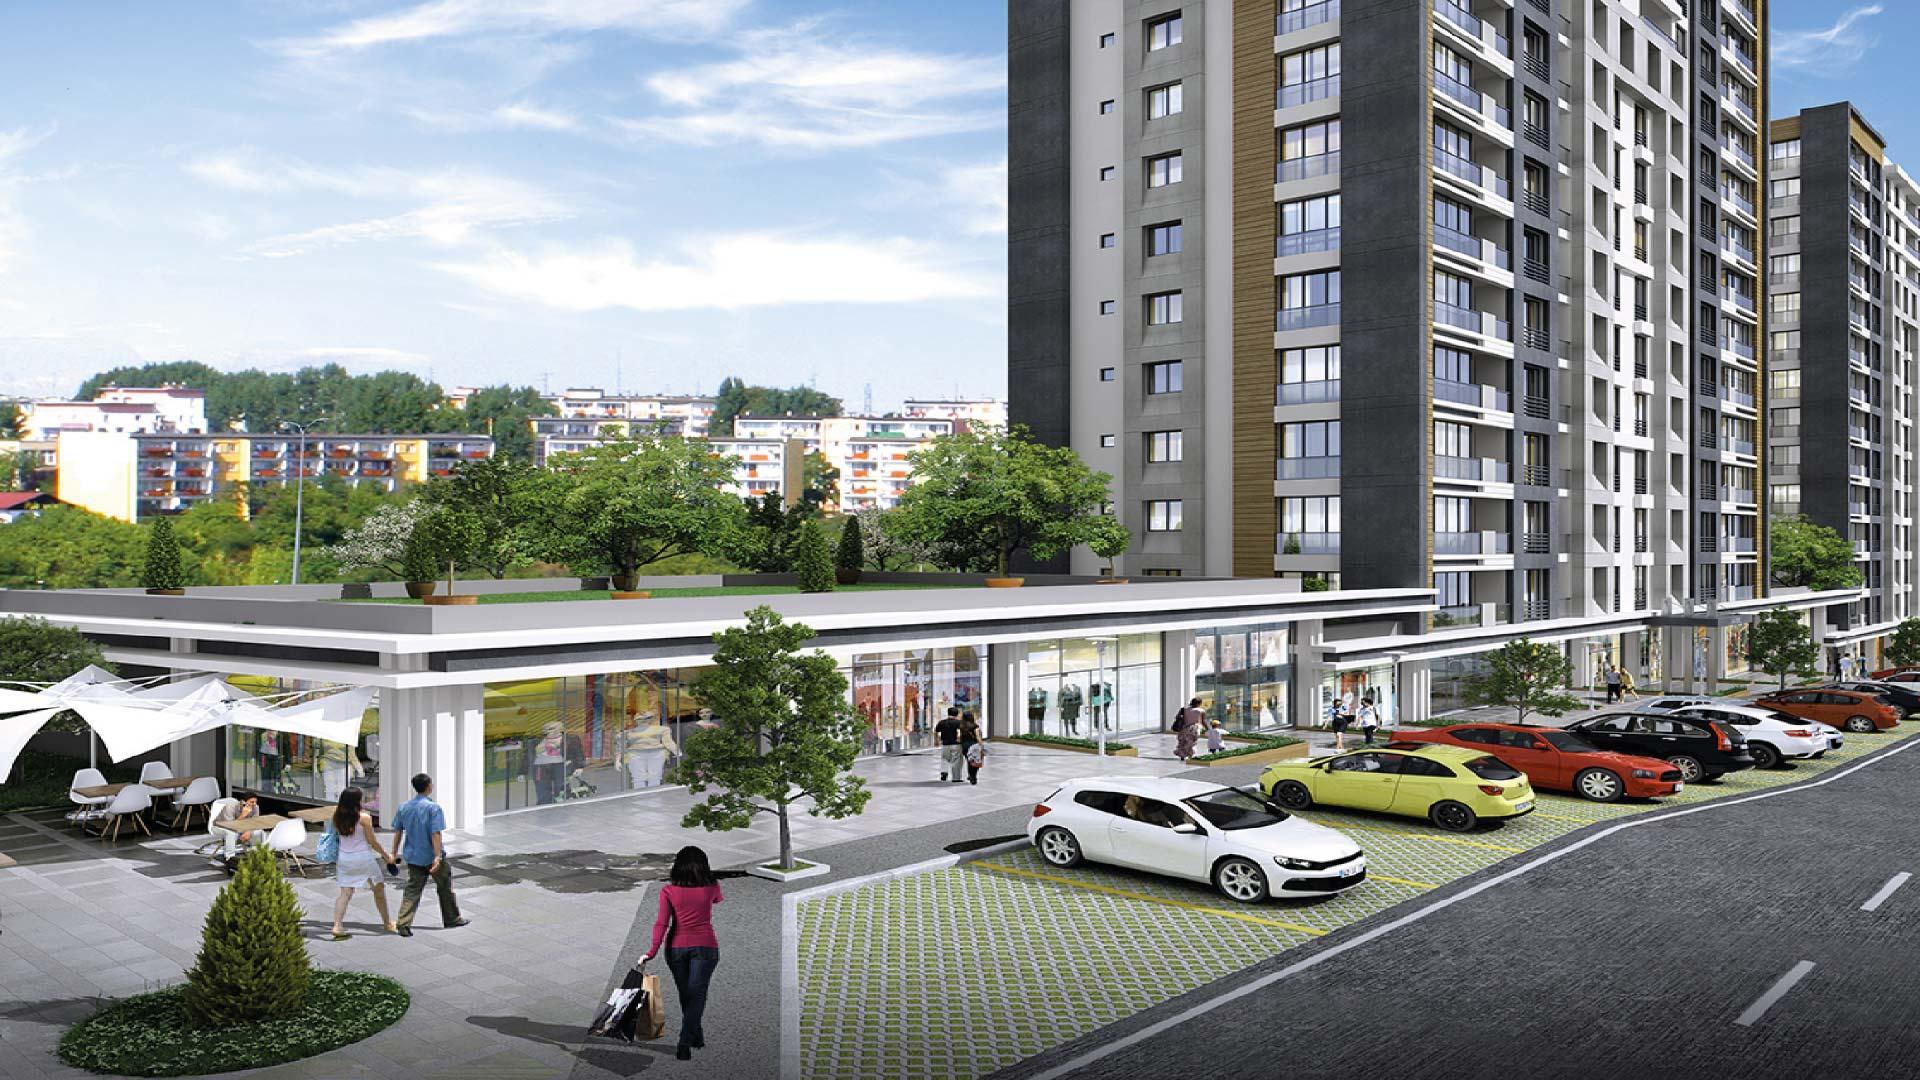 شقق سكنية للبيع في إسطنبول – بيرم باشا